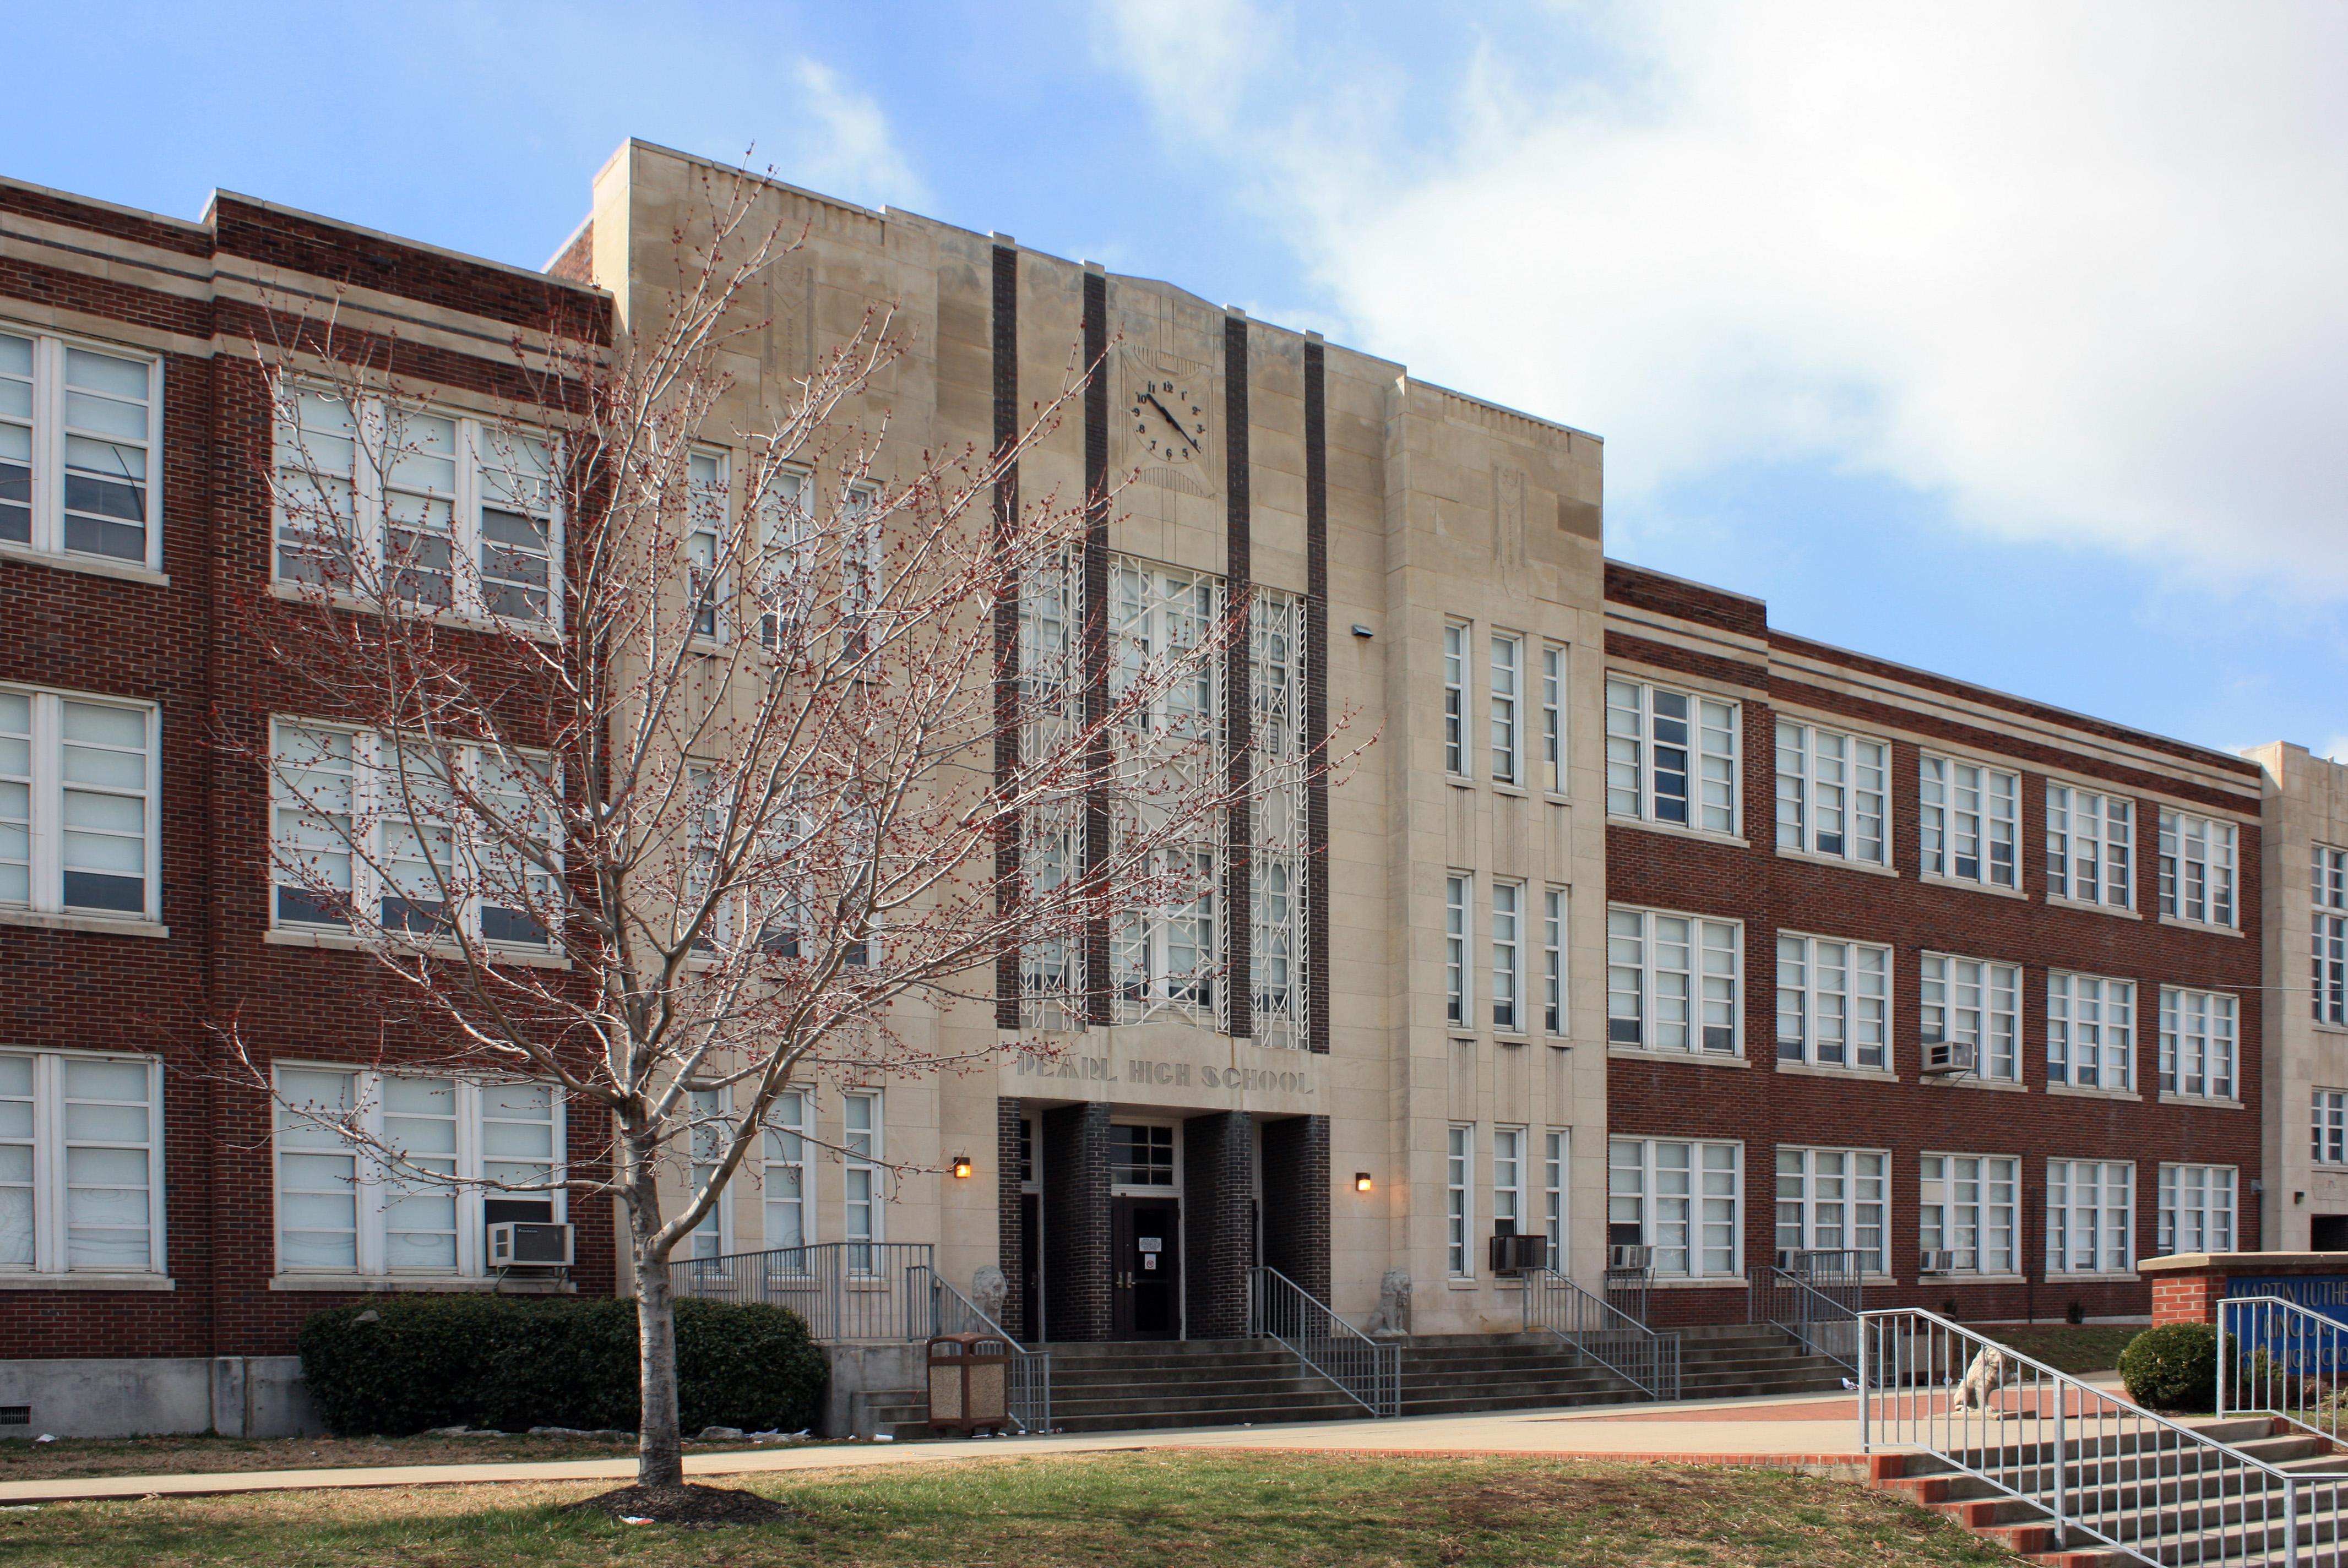 美国的威斯康辛州路德高中如何图片